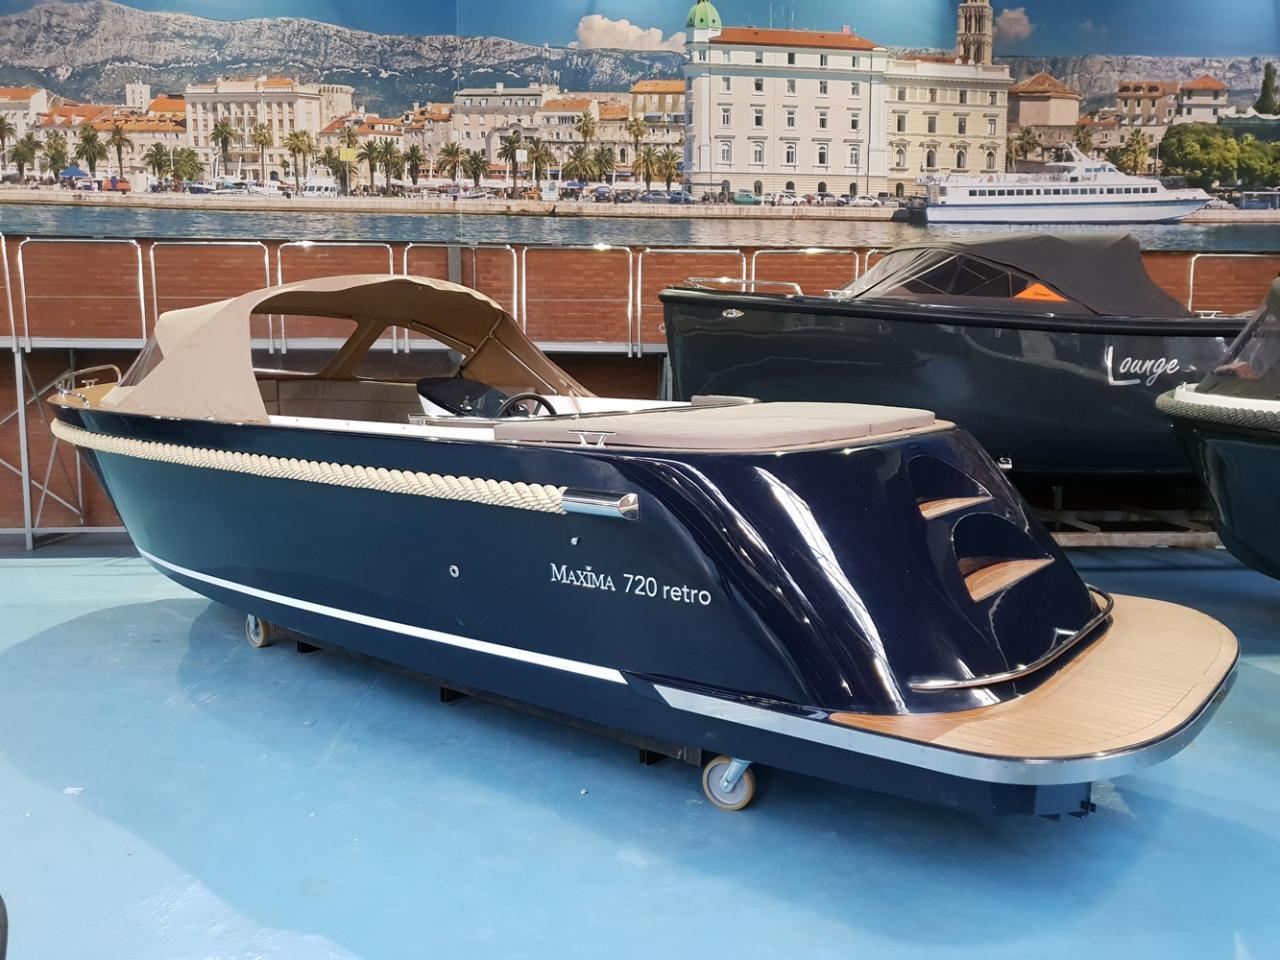 Maxima 720 retro met Honda 100 pk OP VOORRAAD! 7